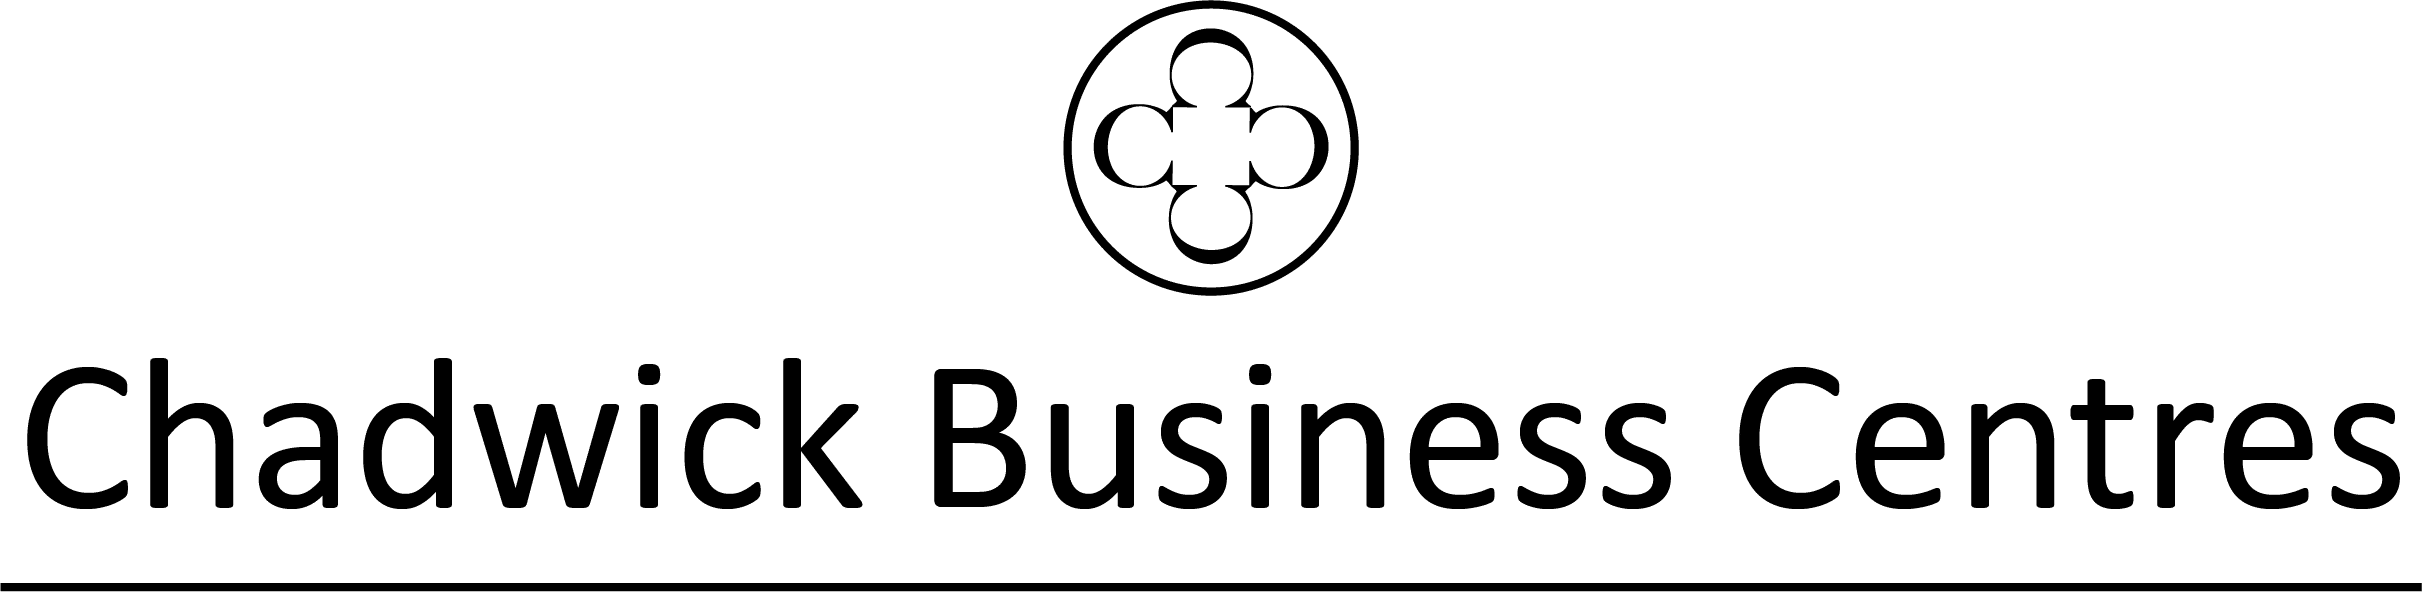 EMPIRE logo footer